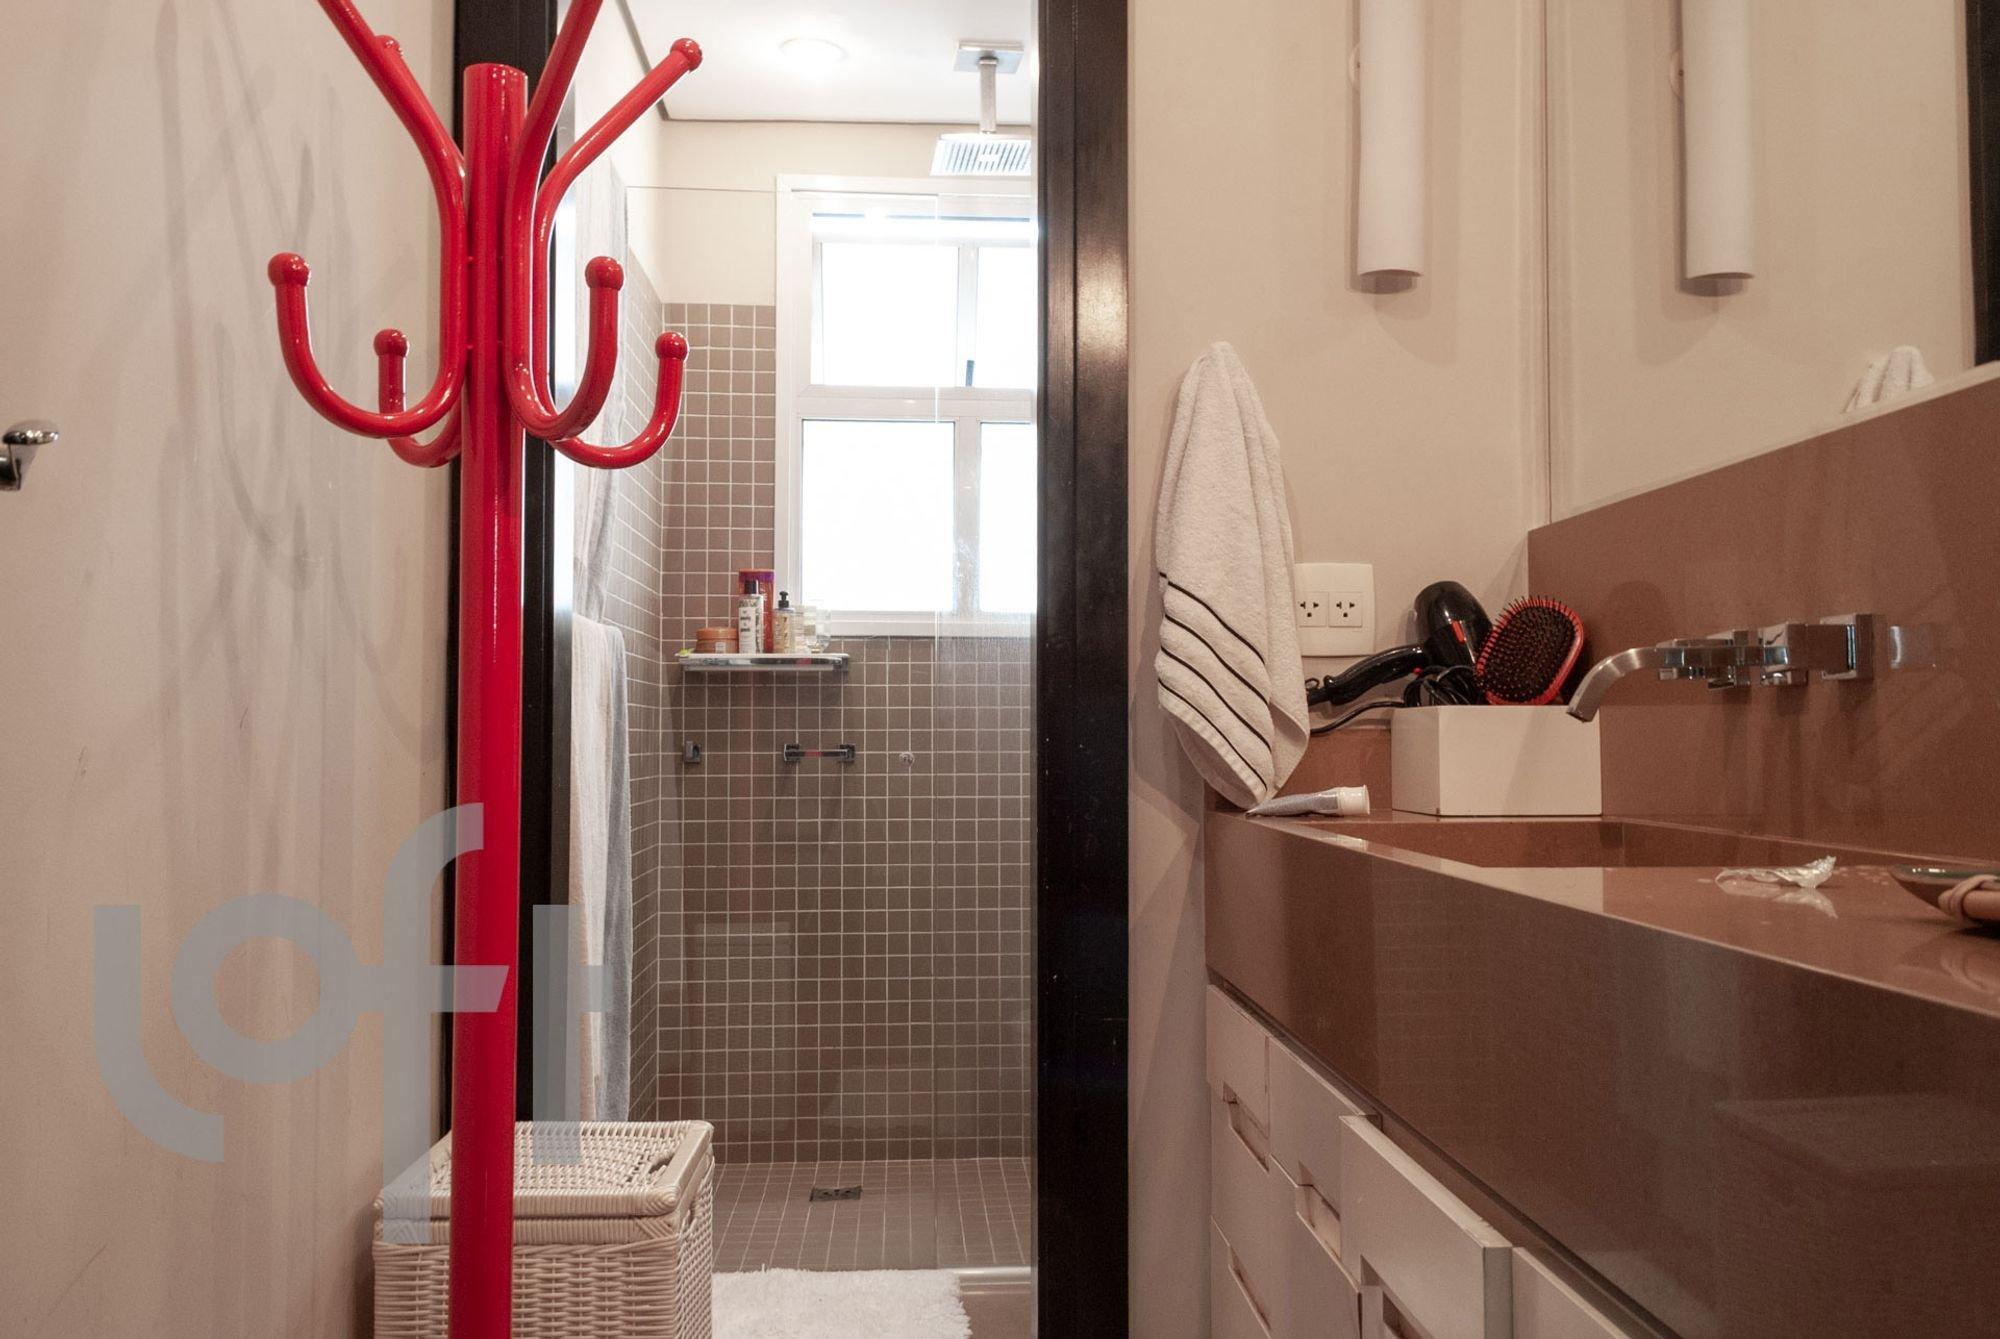 Foto de Banheiro com colher, garrafa